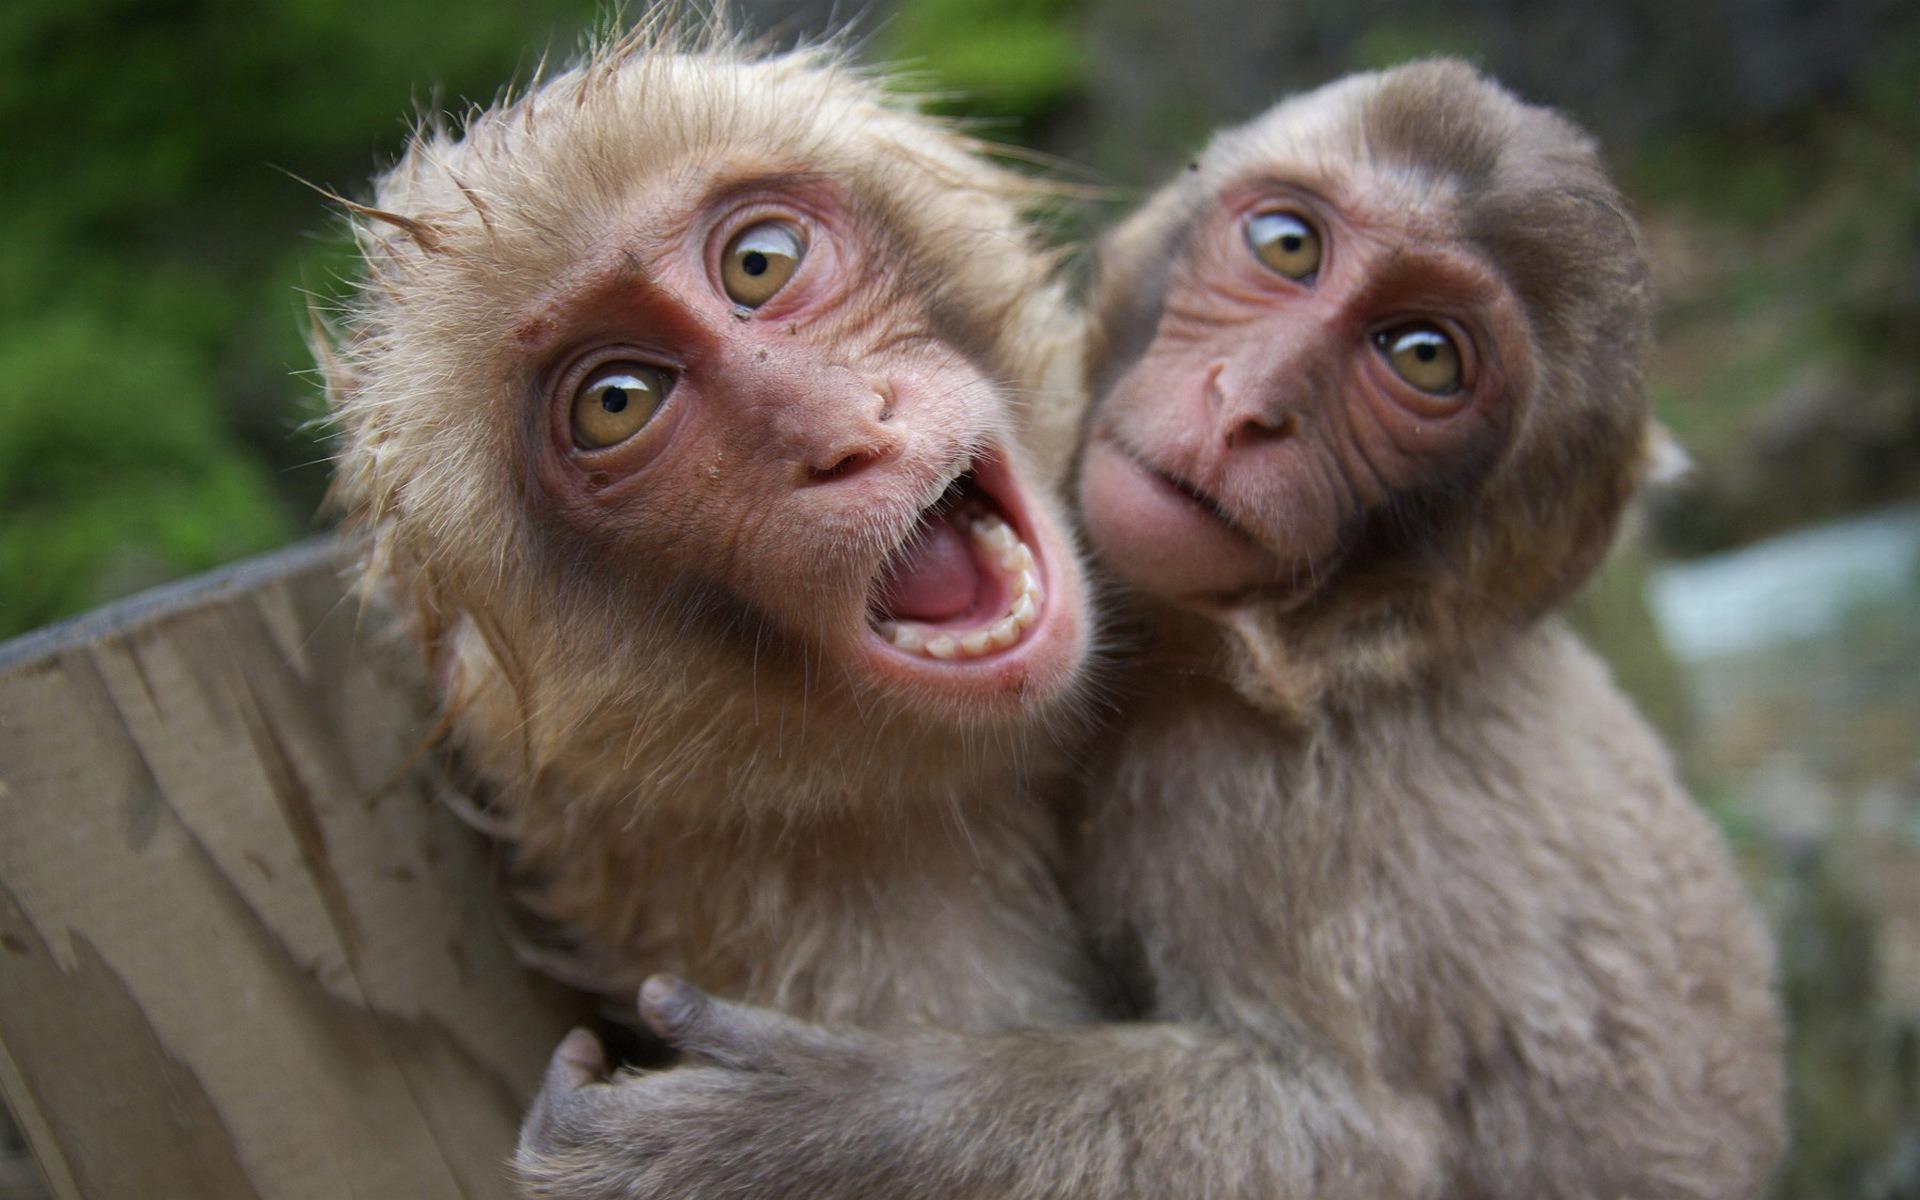 Η μαϊμουδοπαρέα του facebook και ο Κωνσταντέλλος